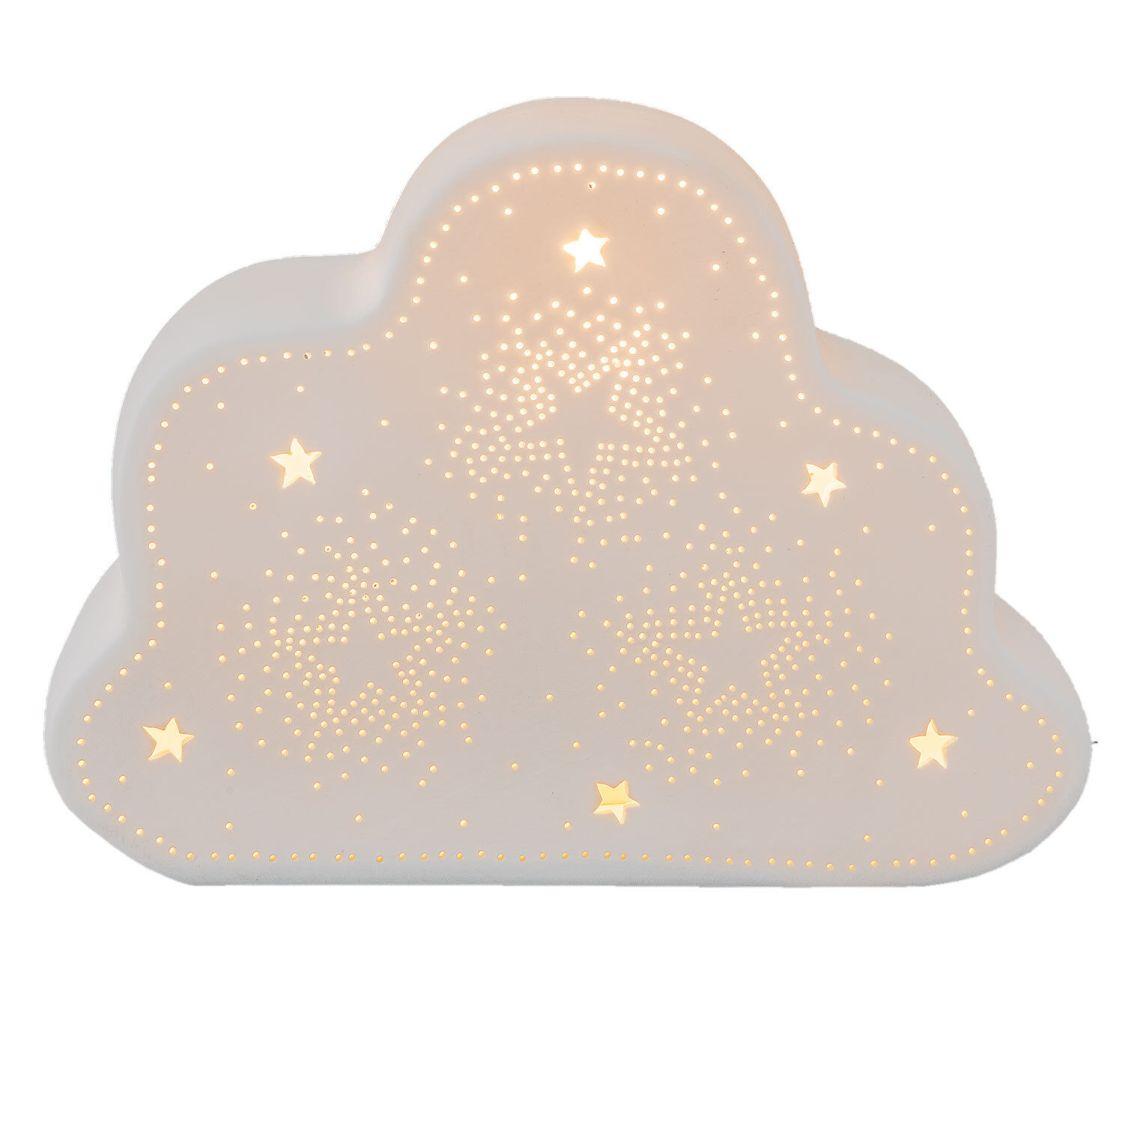 Clayre & Eef Tischlampe Tischleuchte Motivlampe Wolke -Sterne weiß 6LMP483